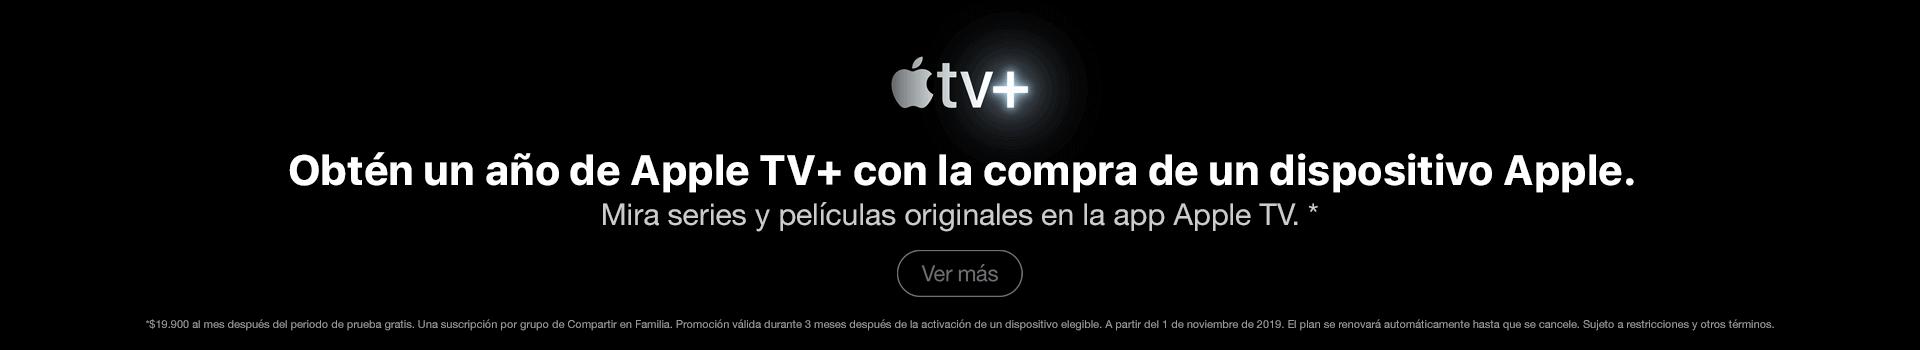 Apple TV por un año